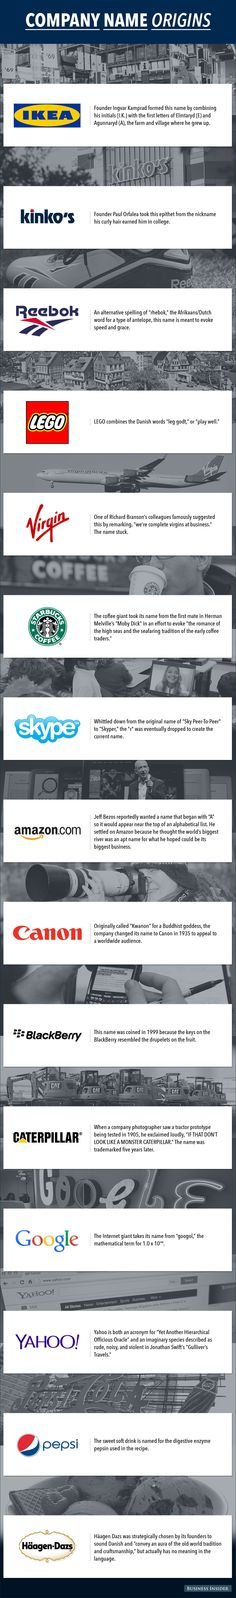 Wo die Namen von Amazon, Google, Yahoo & Co. herkommen